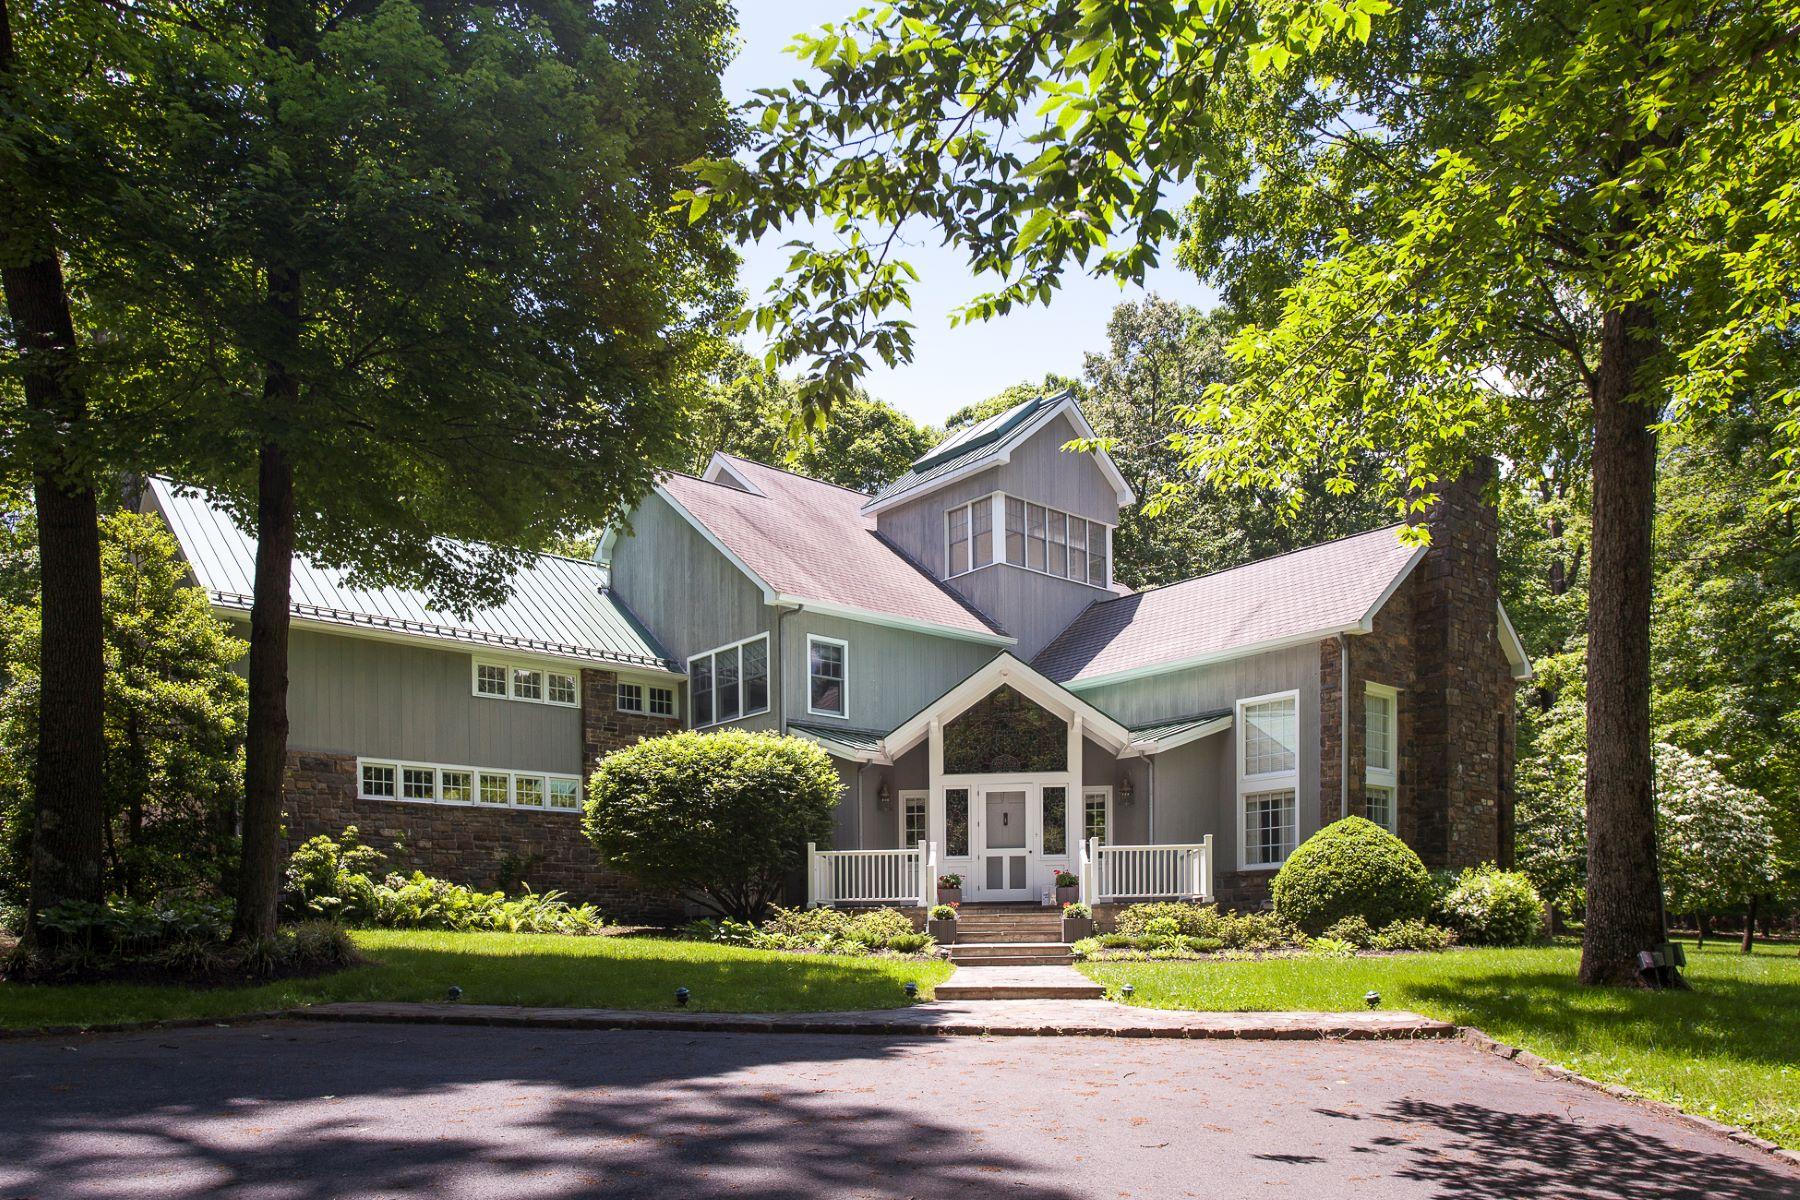 Maison unifamiliale pour l Vente à A Scenic Hillside Retreat Designed by Jim Hamilton 120 Province Line Road, Skillman, New Jersey 08558 États-UnisDans/Autour: Hopewell Township